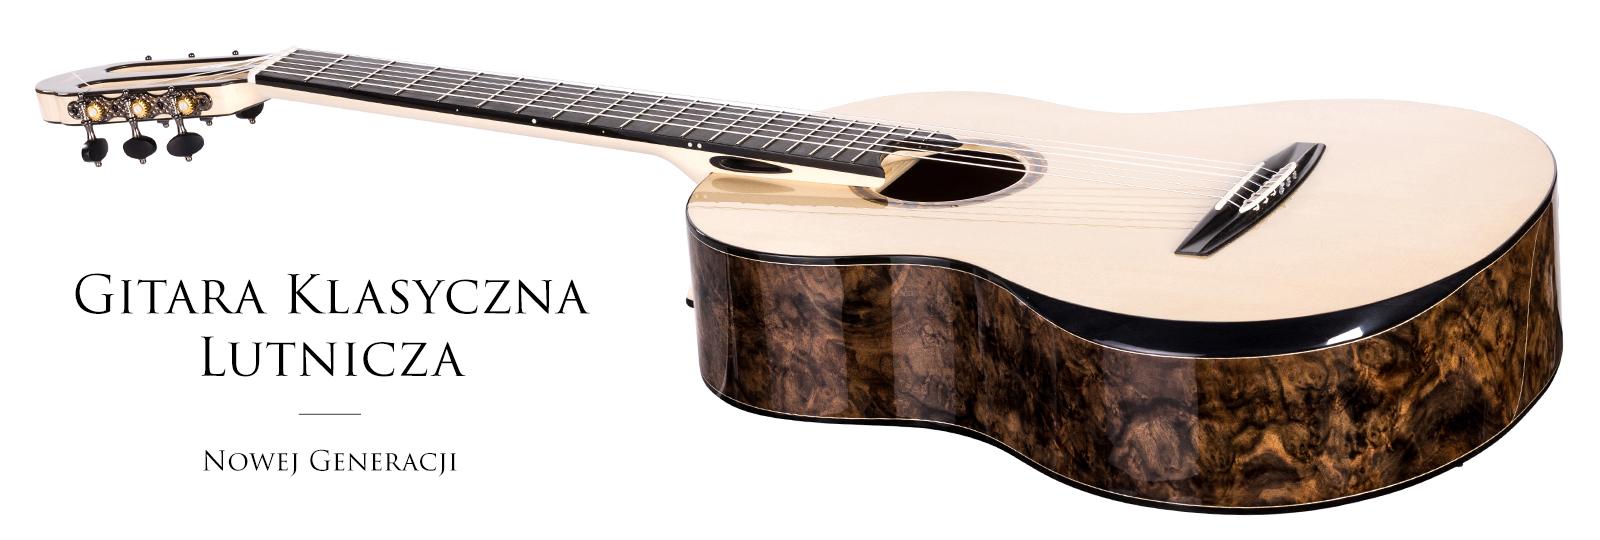 Gitara klasyczna lutnicza - nowej generacji